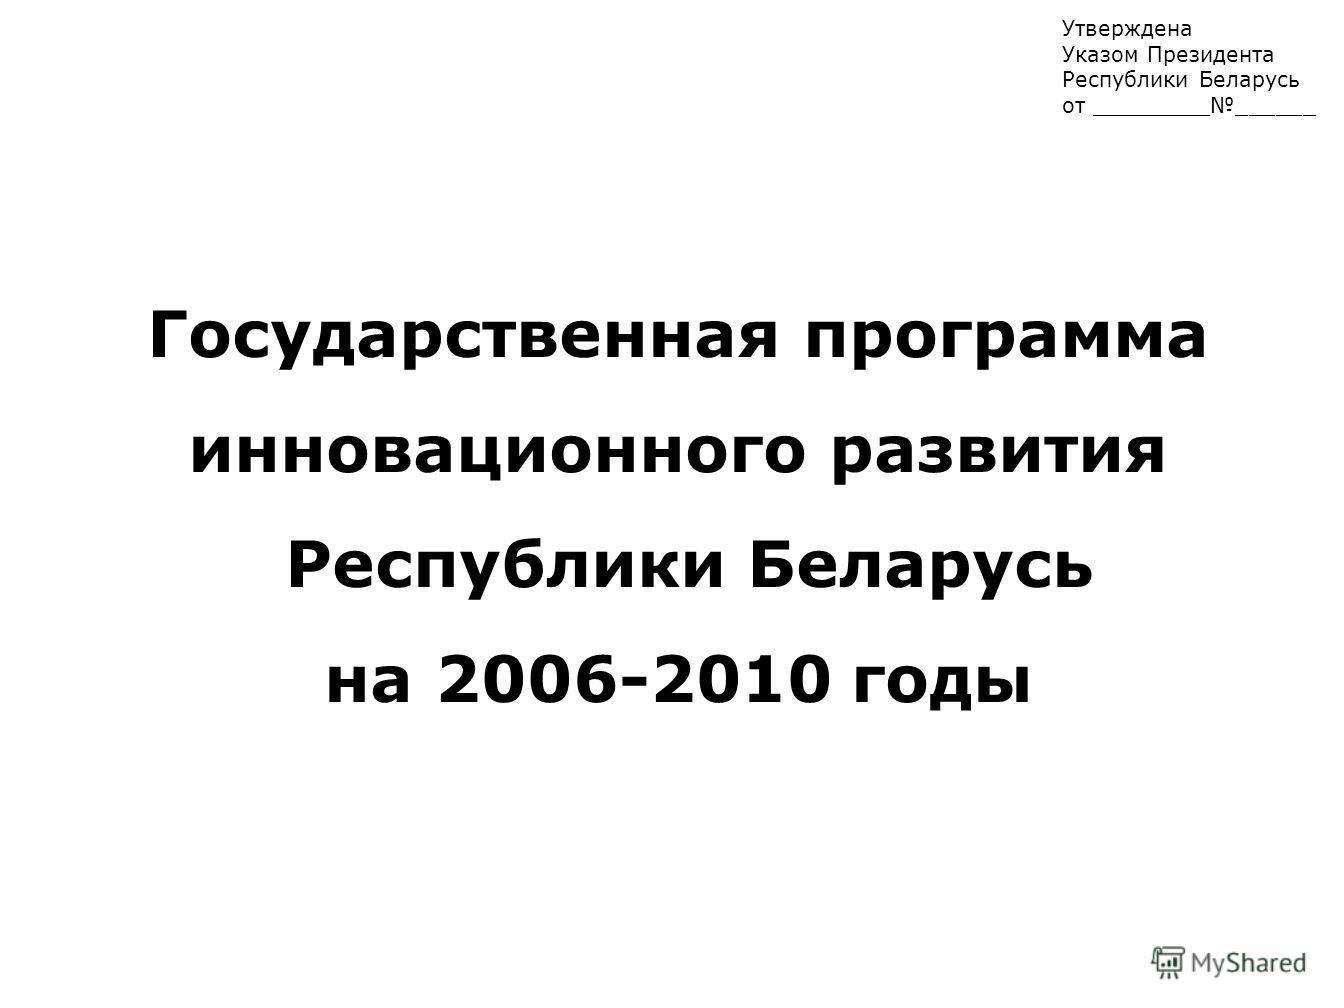 Утверждена Указом Президента Республики Беларусь от _______________ Государственная программа инновационного развития Республики Беларусь на 2006-2010 годы